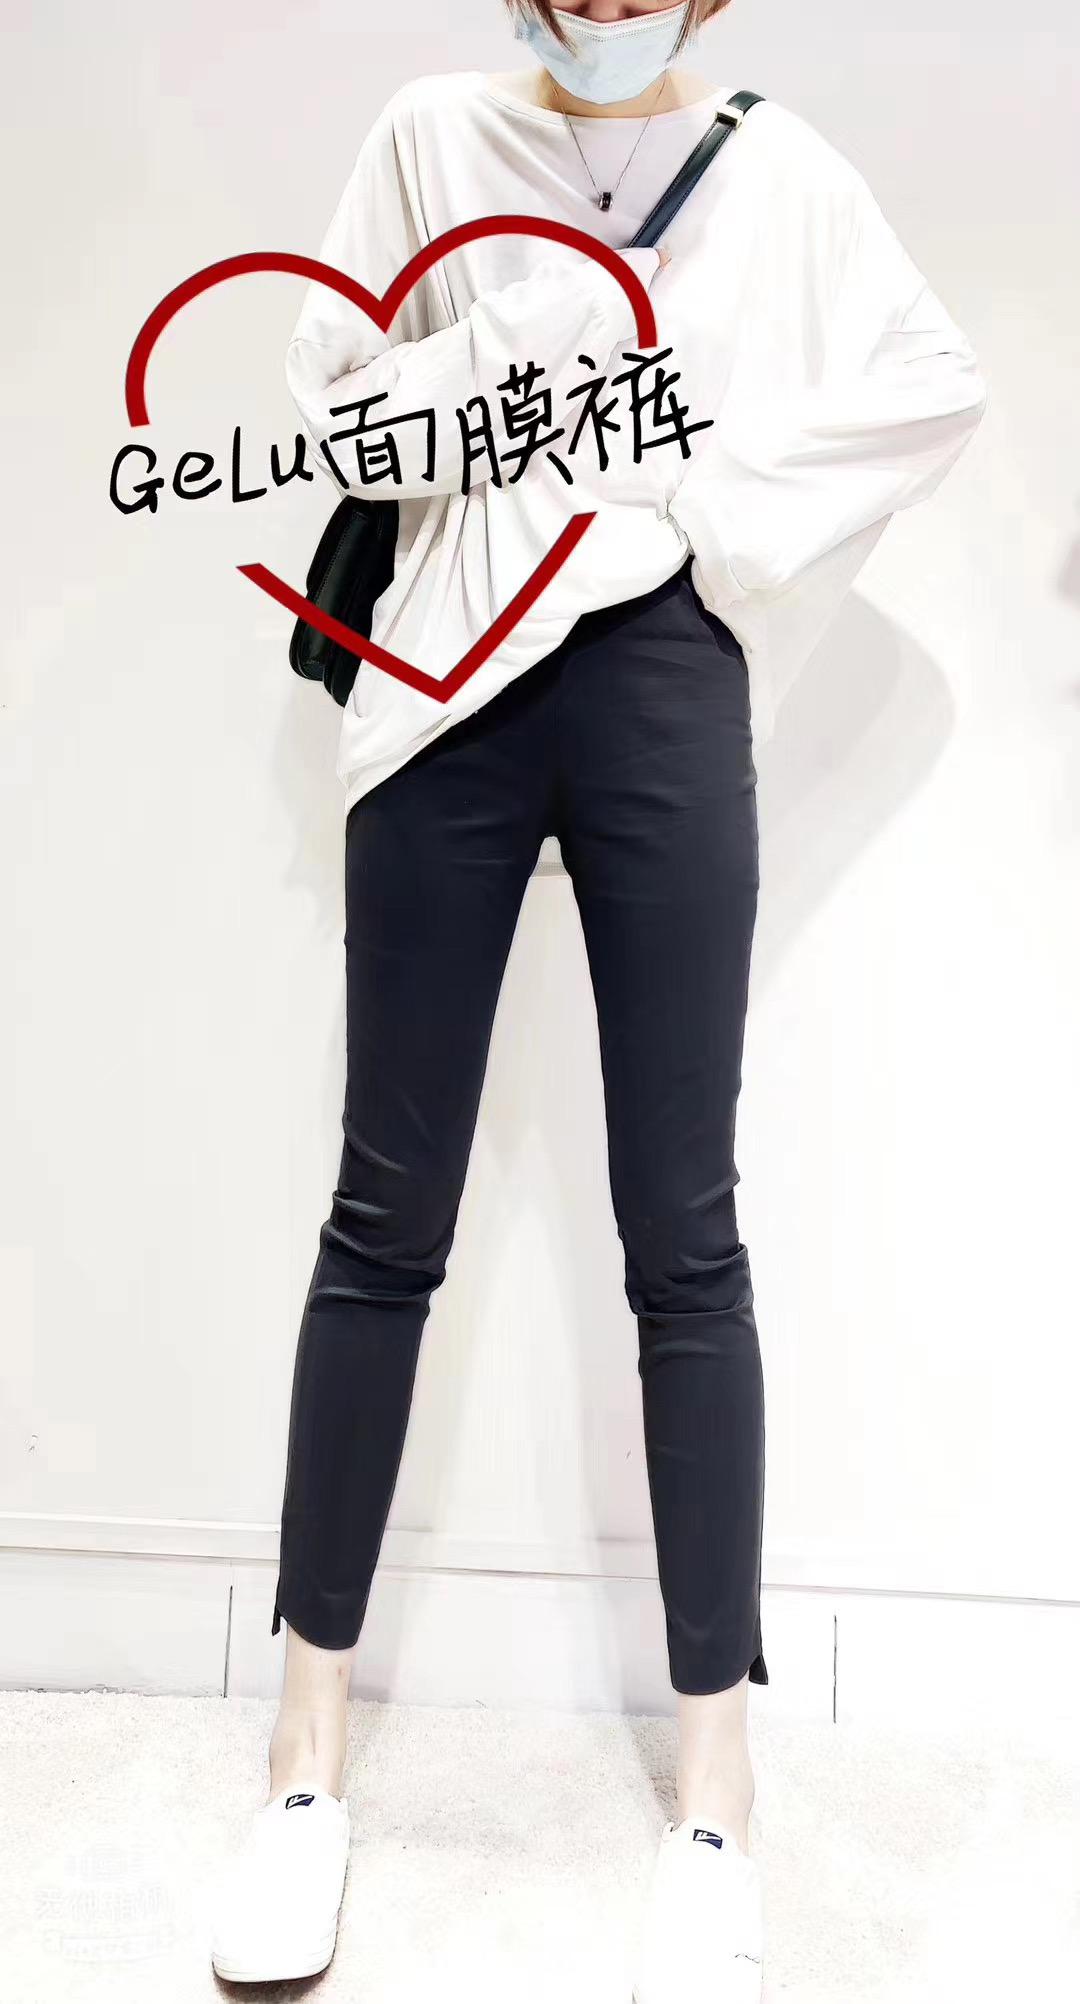 格路夏季薄款打底裤休闲女裤新款显瘦高弹大码小脚铅笔裤面膜裤